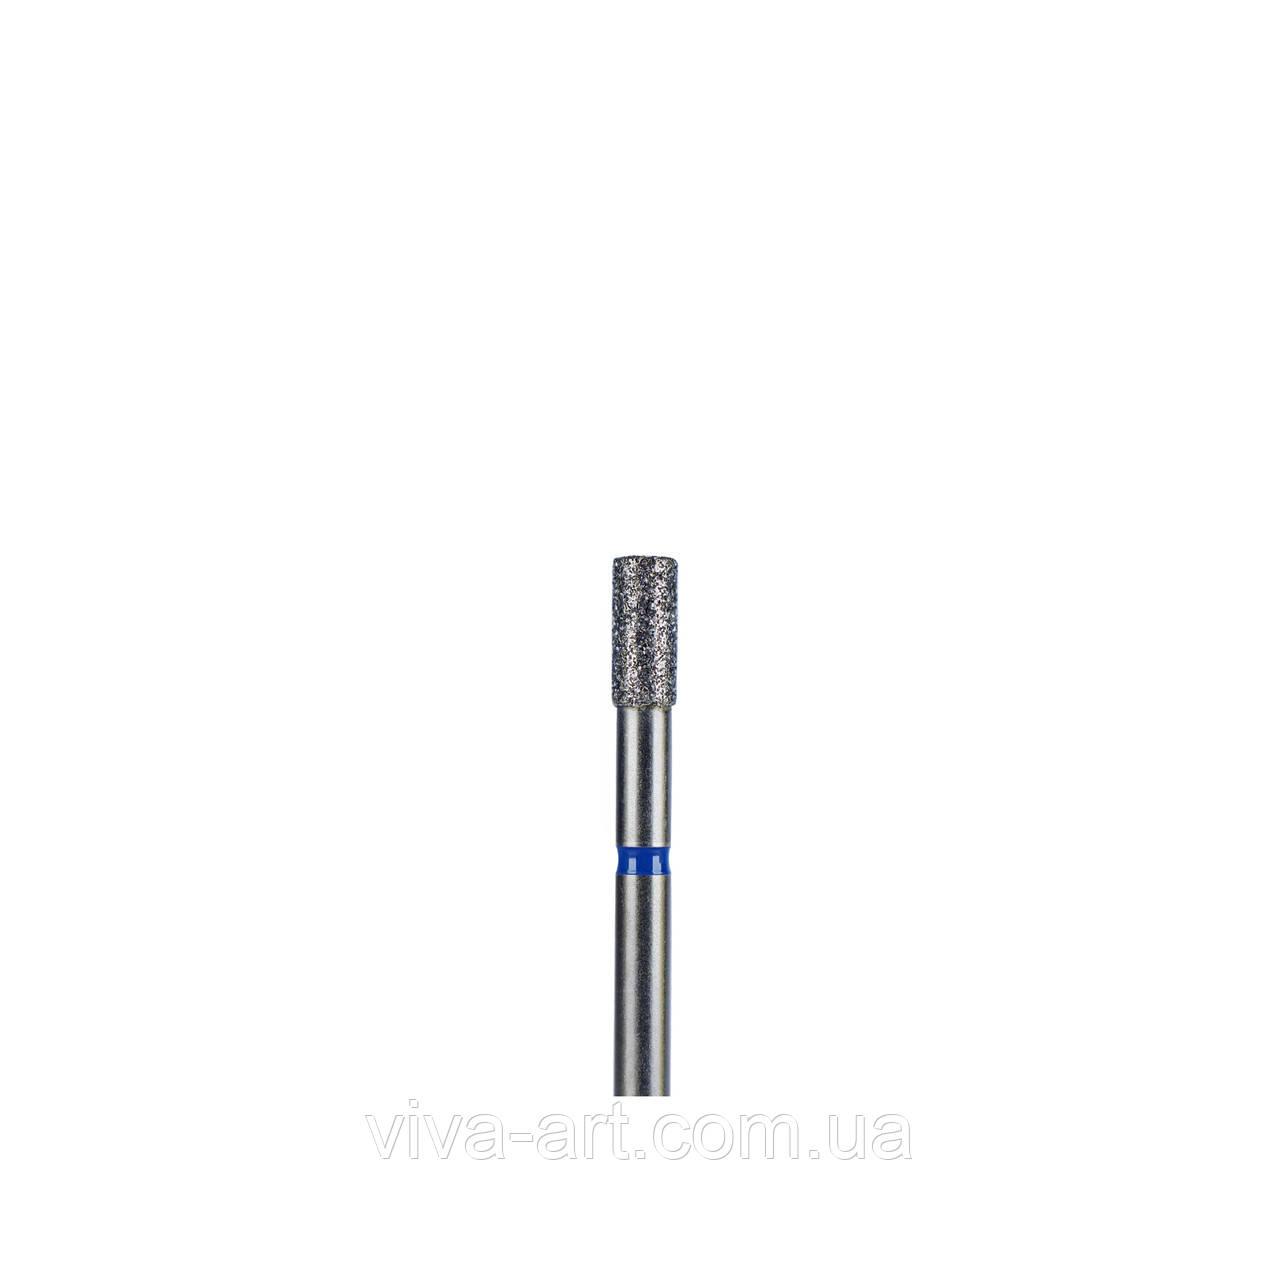 Алмазна насадка циліндр, 2.7 мм, середній абразив, Meisinger (Німеччина)